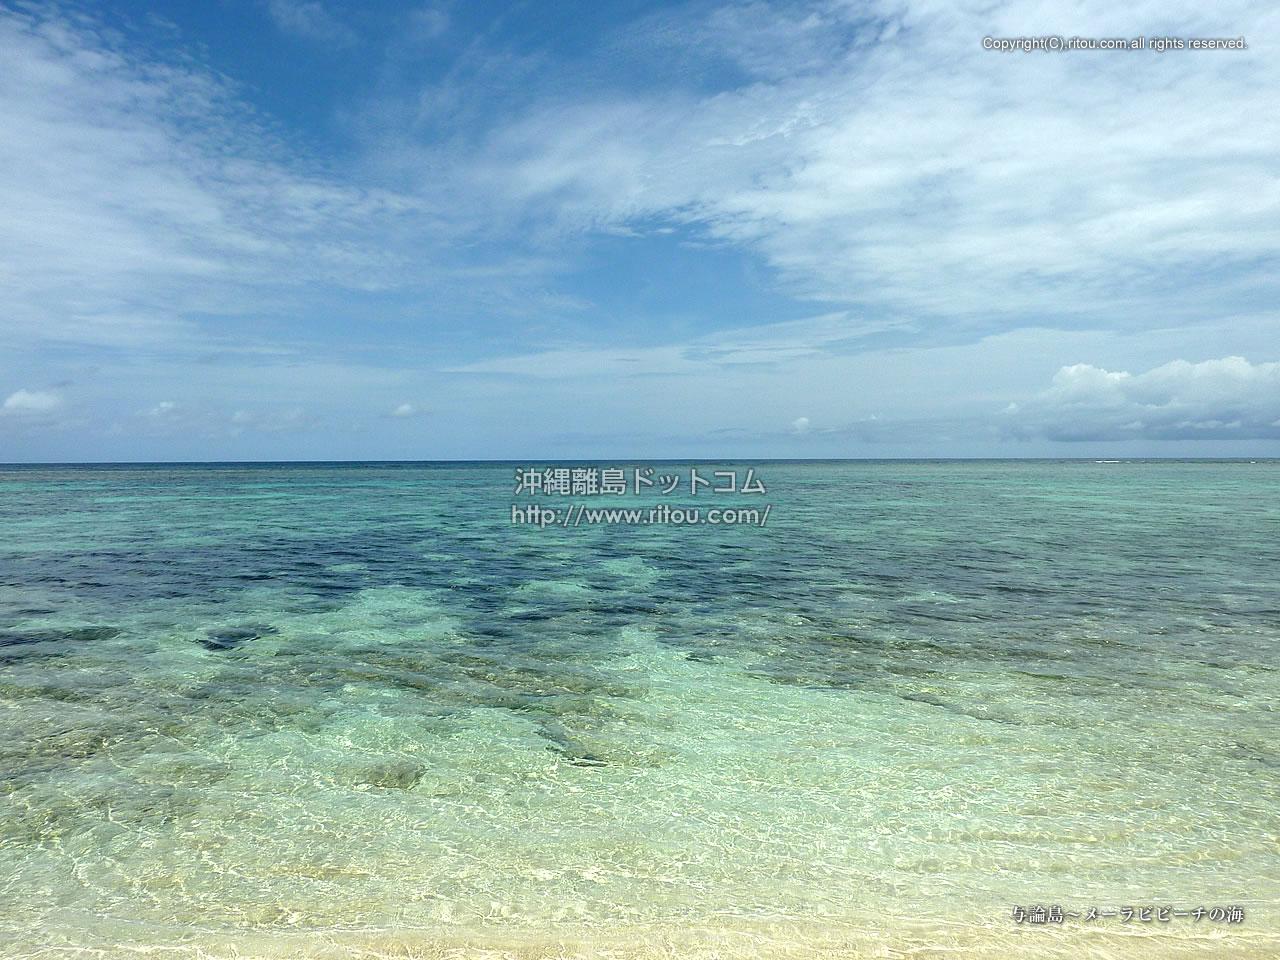 与論島〜メーラビビーチの海